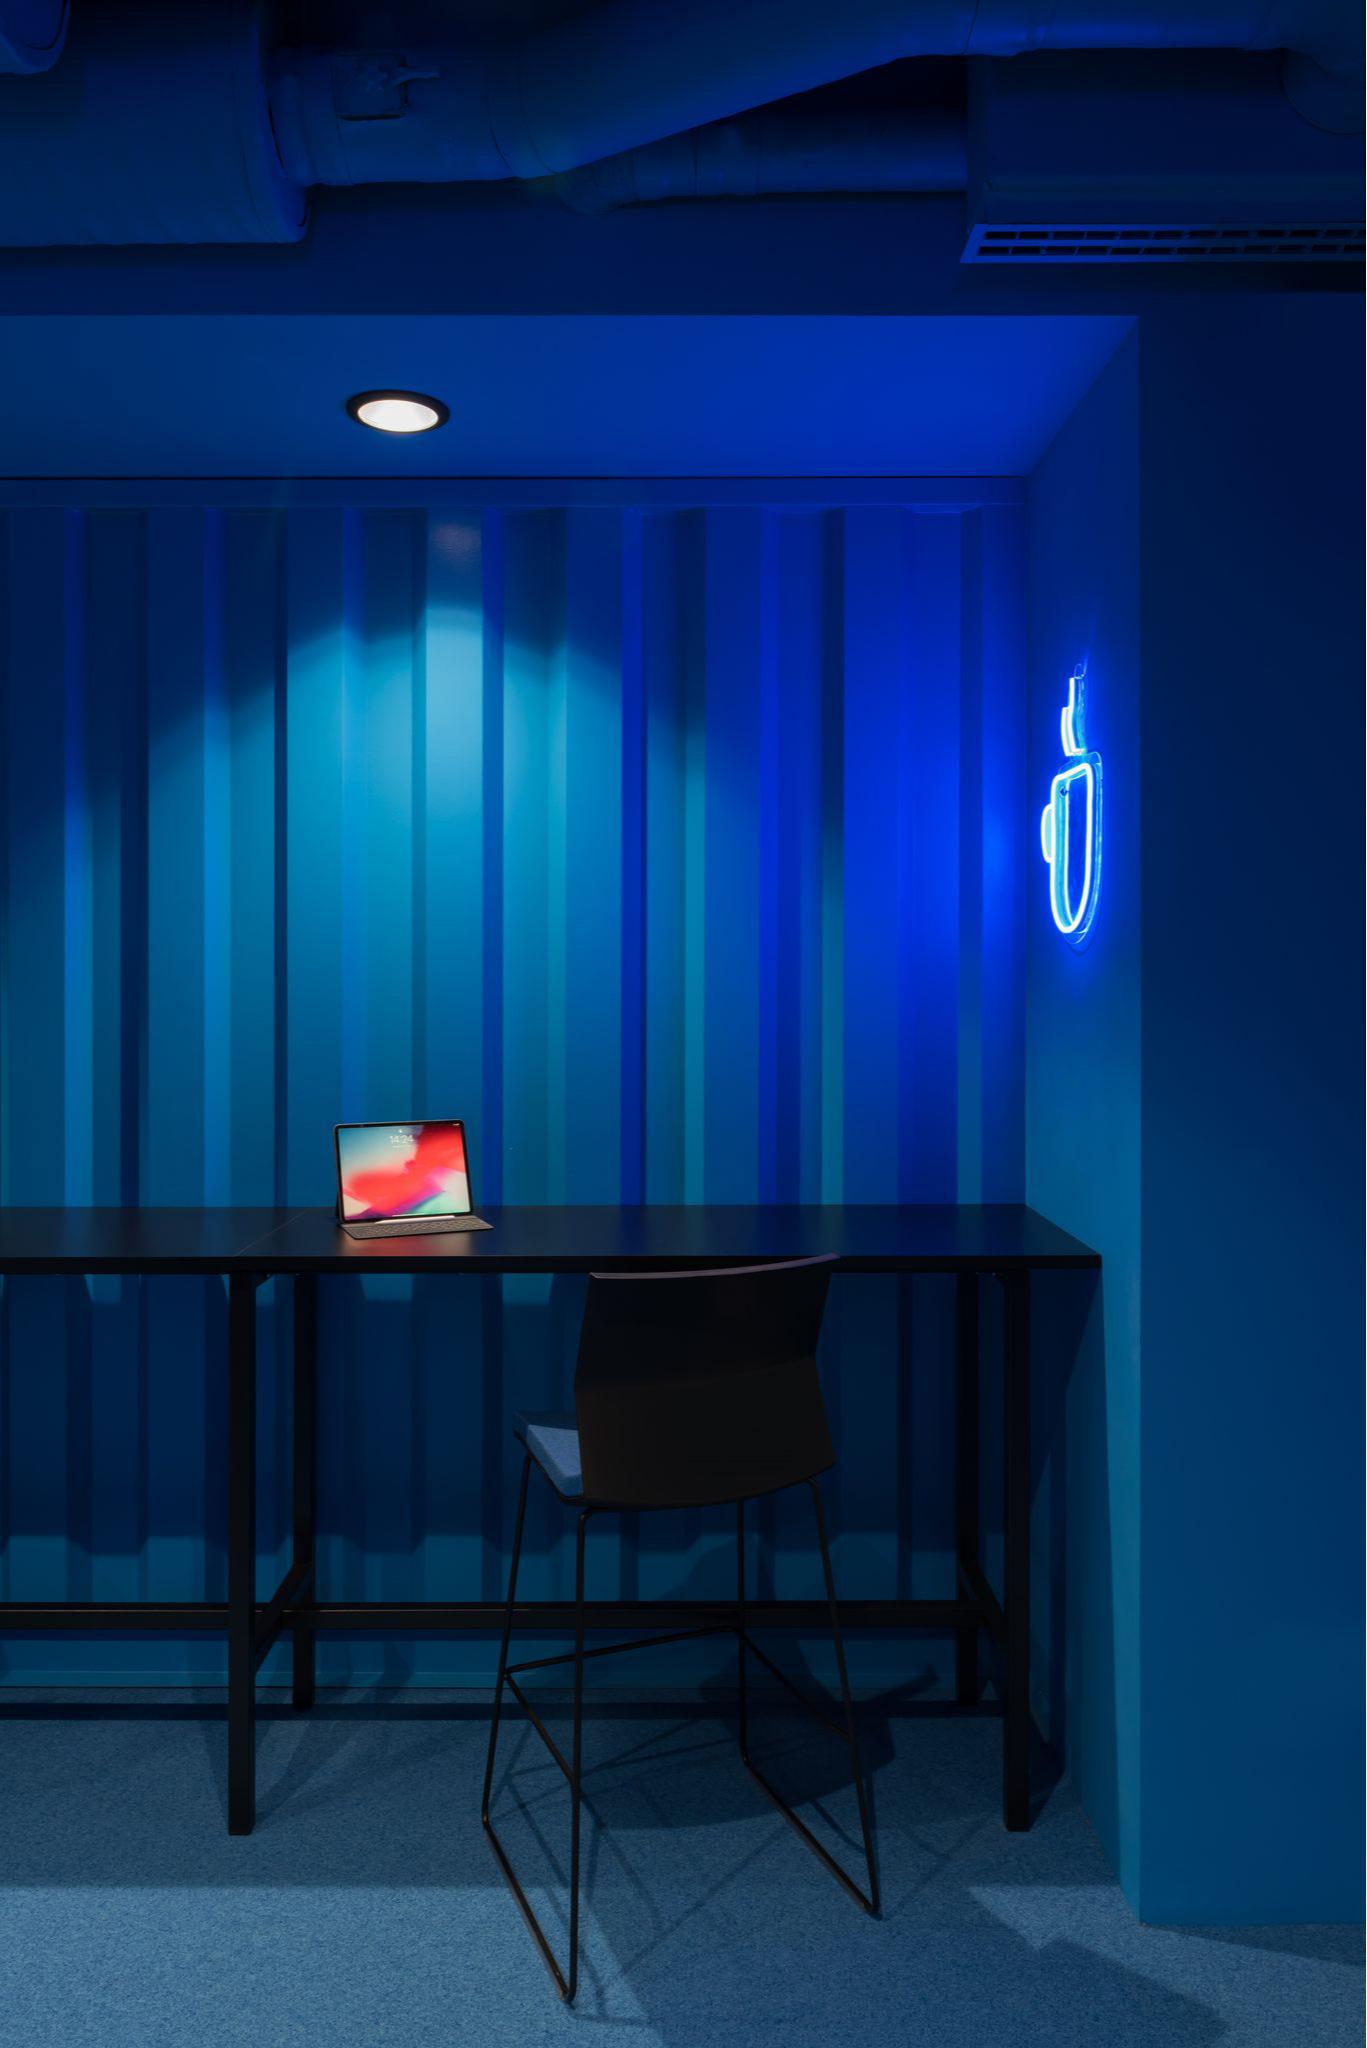 Зона неформального общения выполнена в синем цвете. На стене установлена неоновая вывеска в виде кружки.